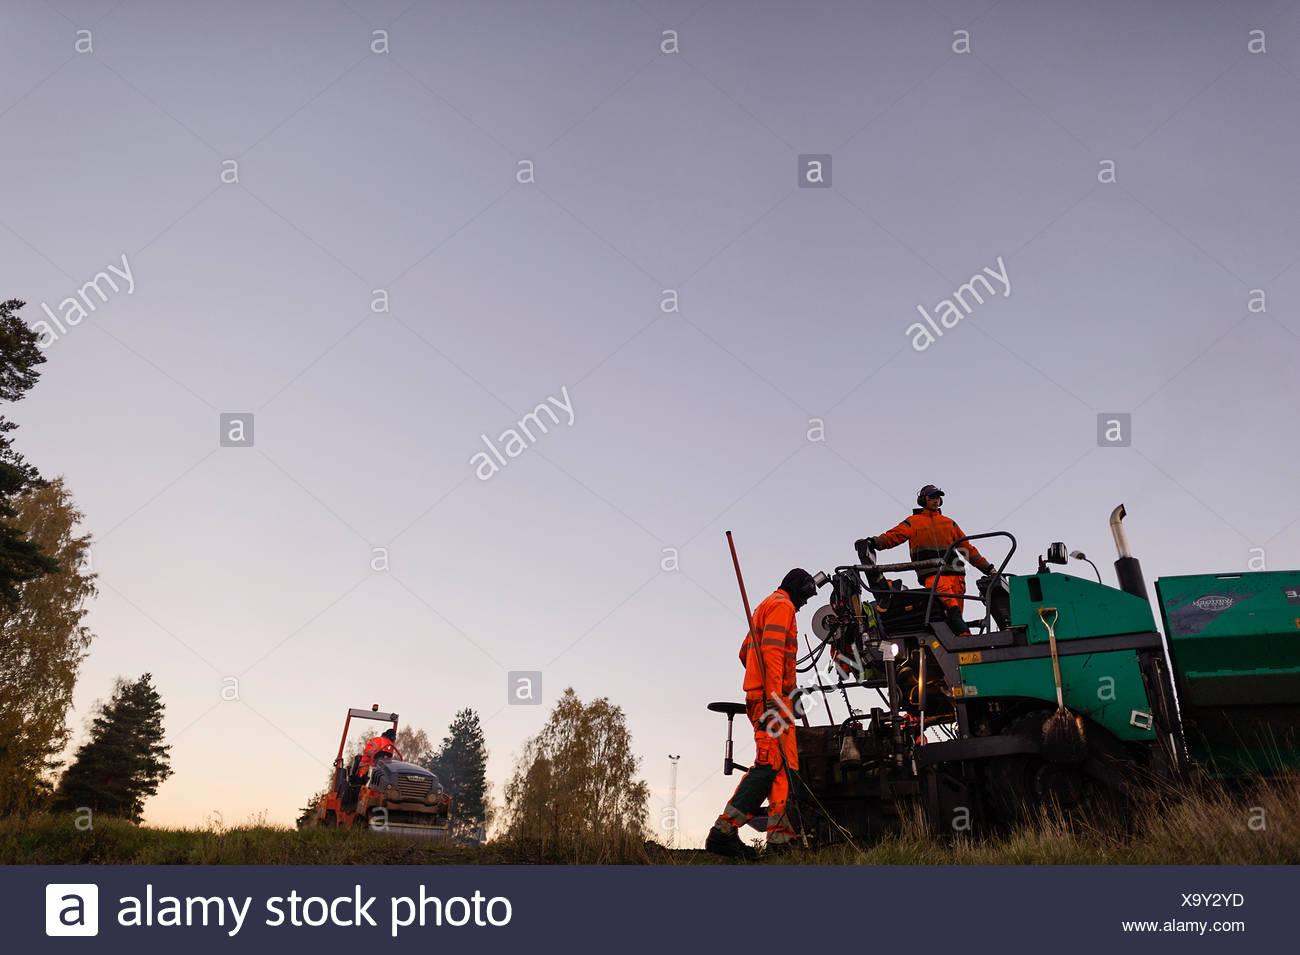 Suecia, Narke, dos trabajadores manuales reparación de carretera Imagen De Stock